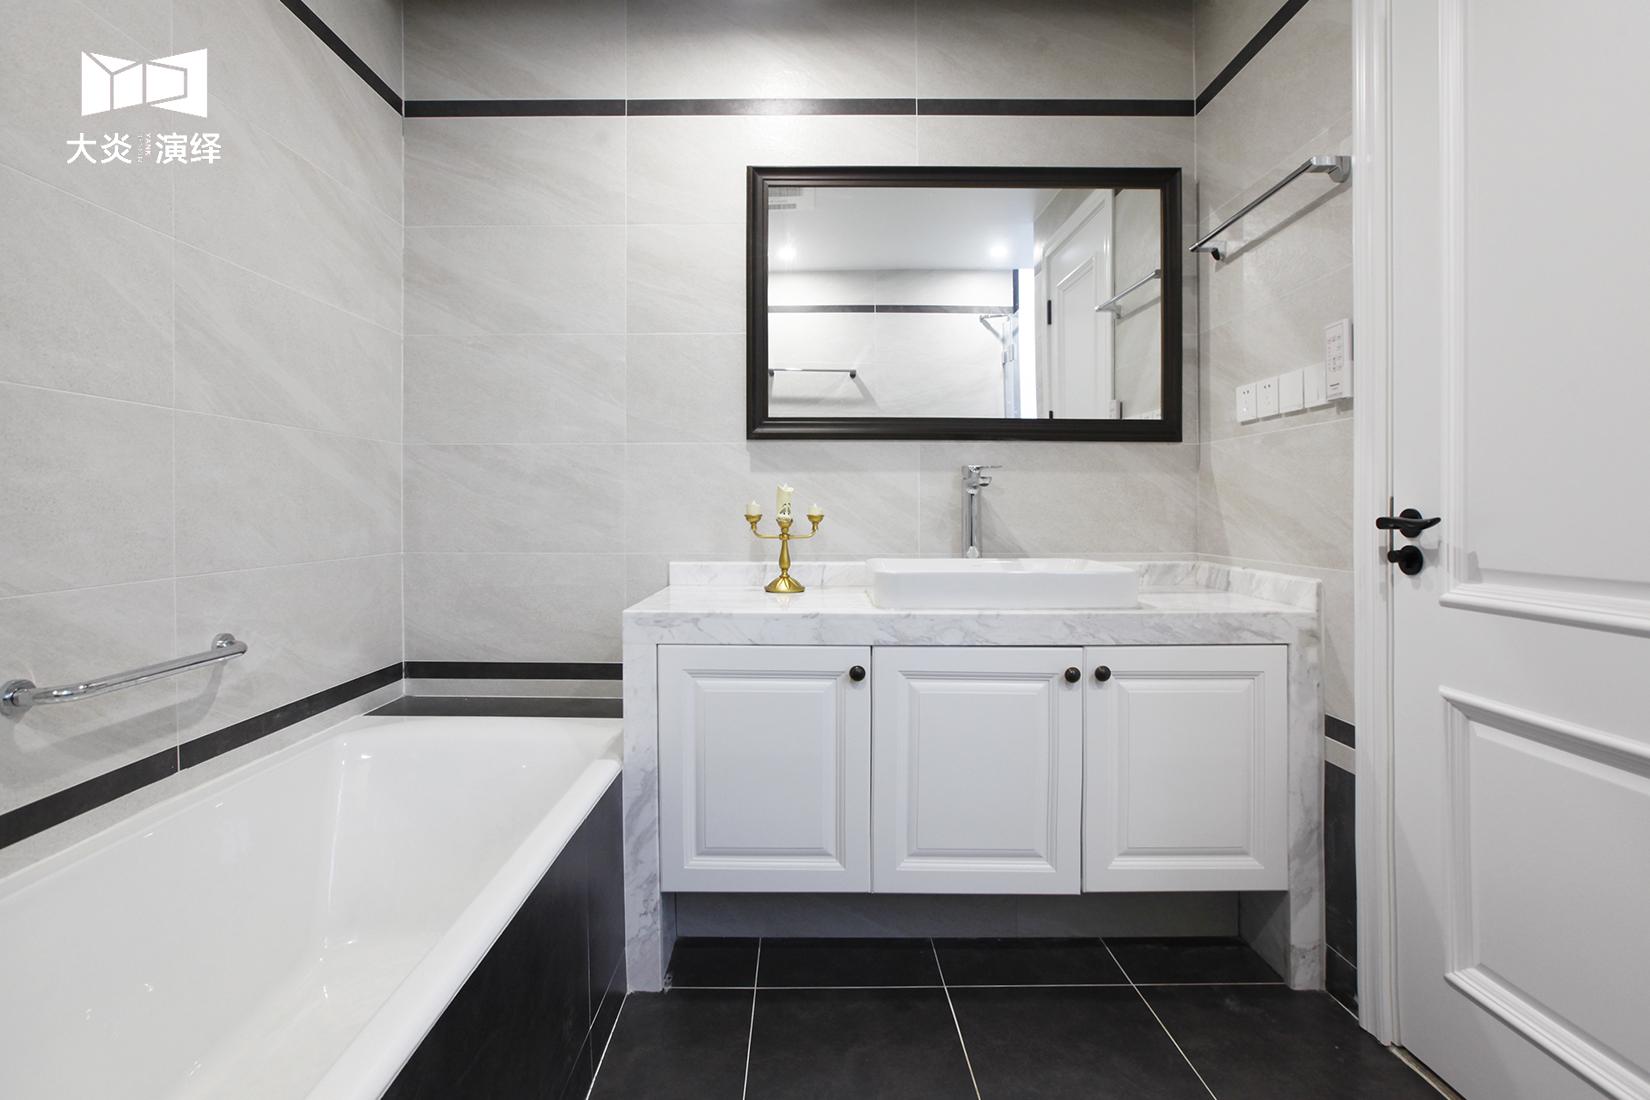 大户型简美风格卫生间装修效果图